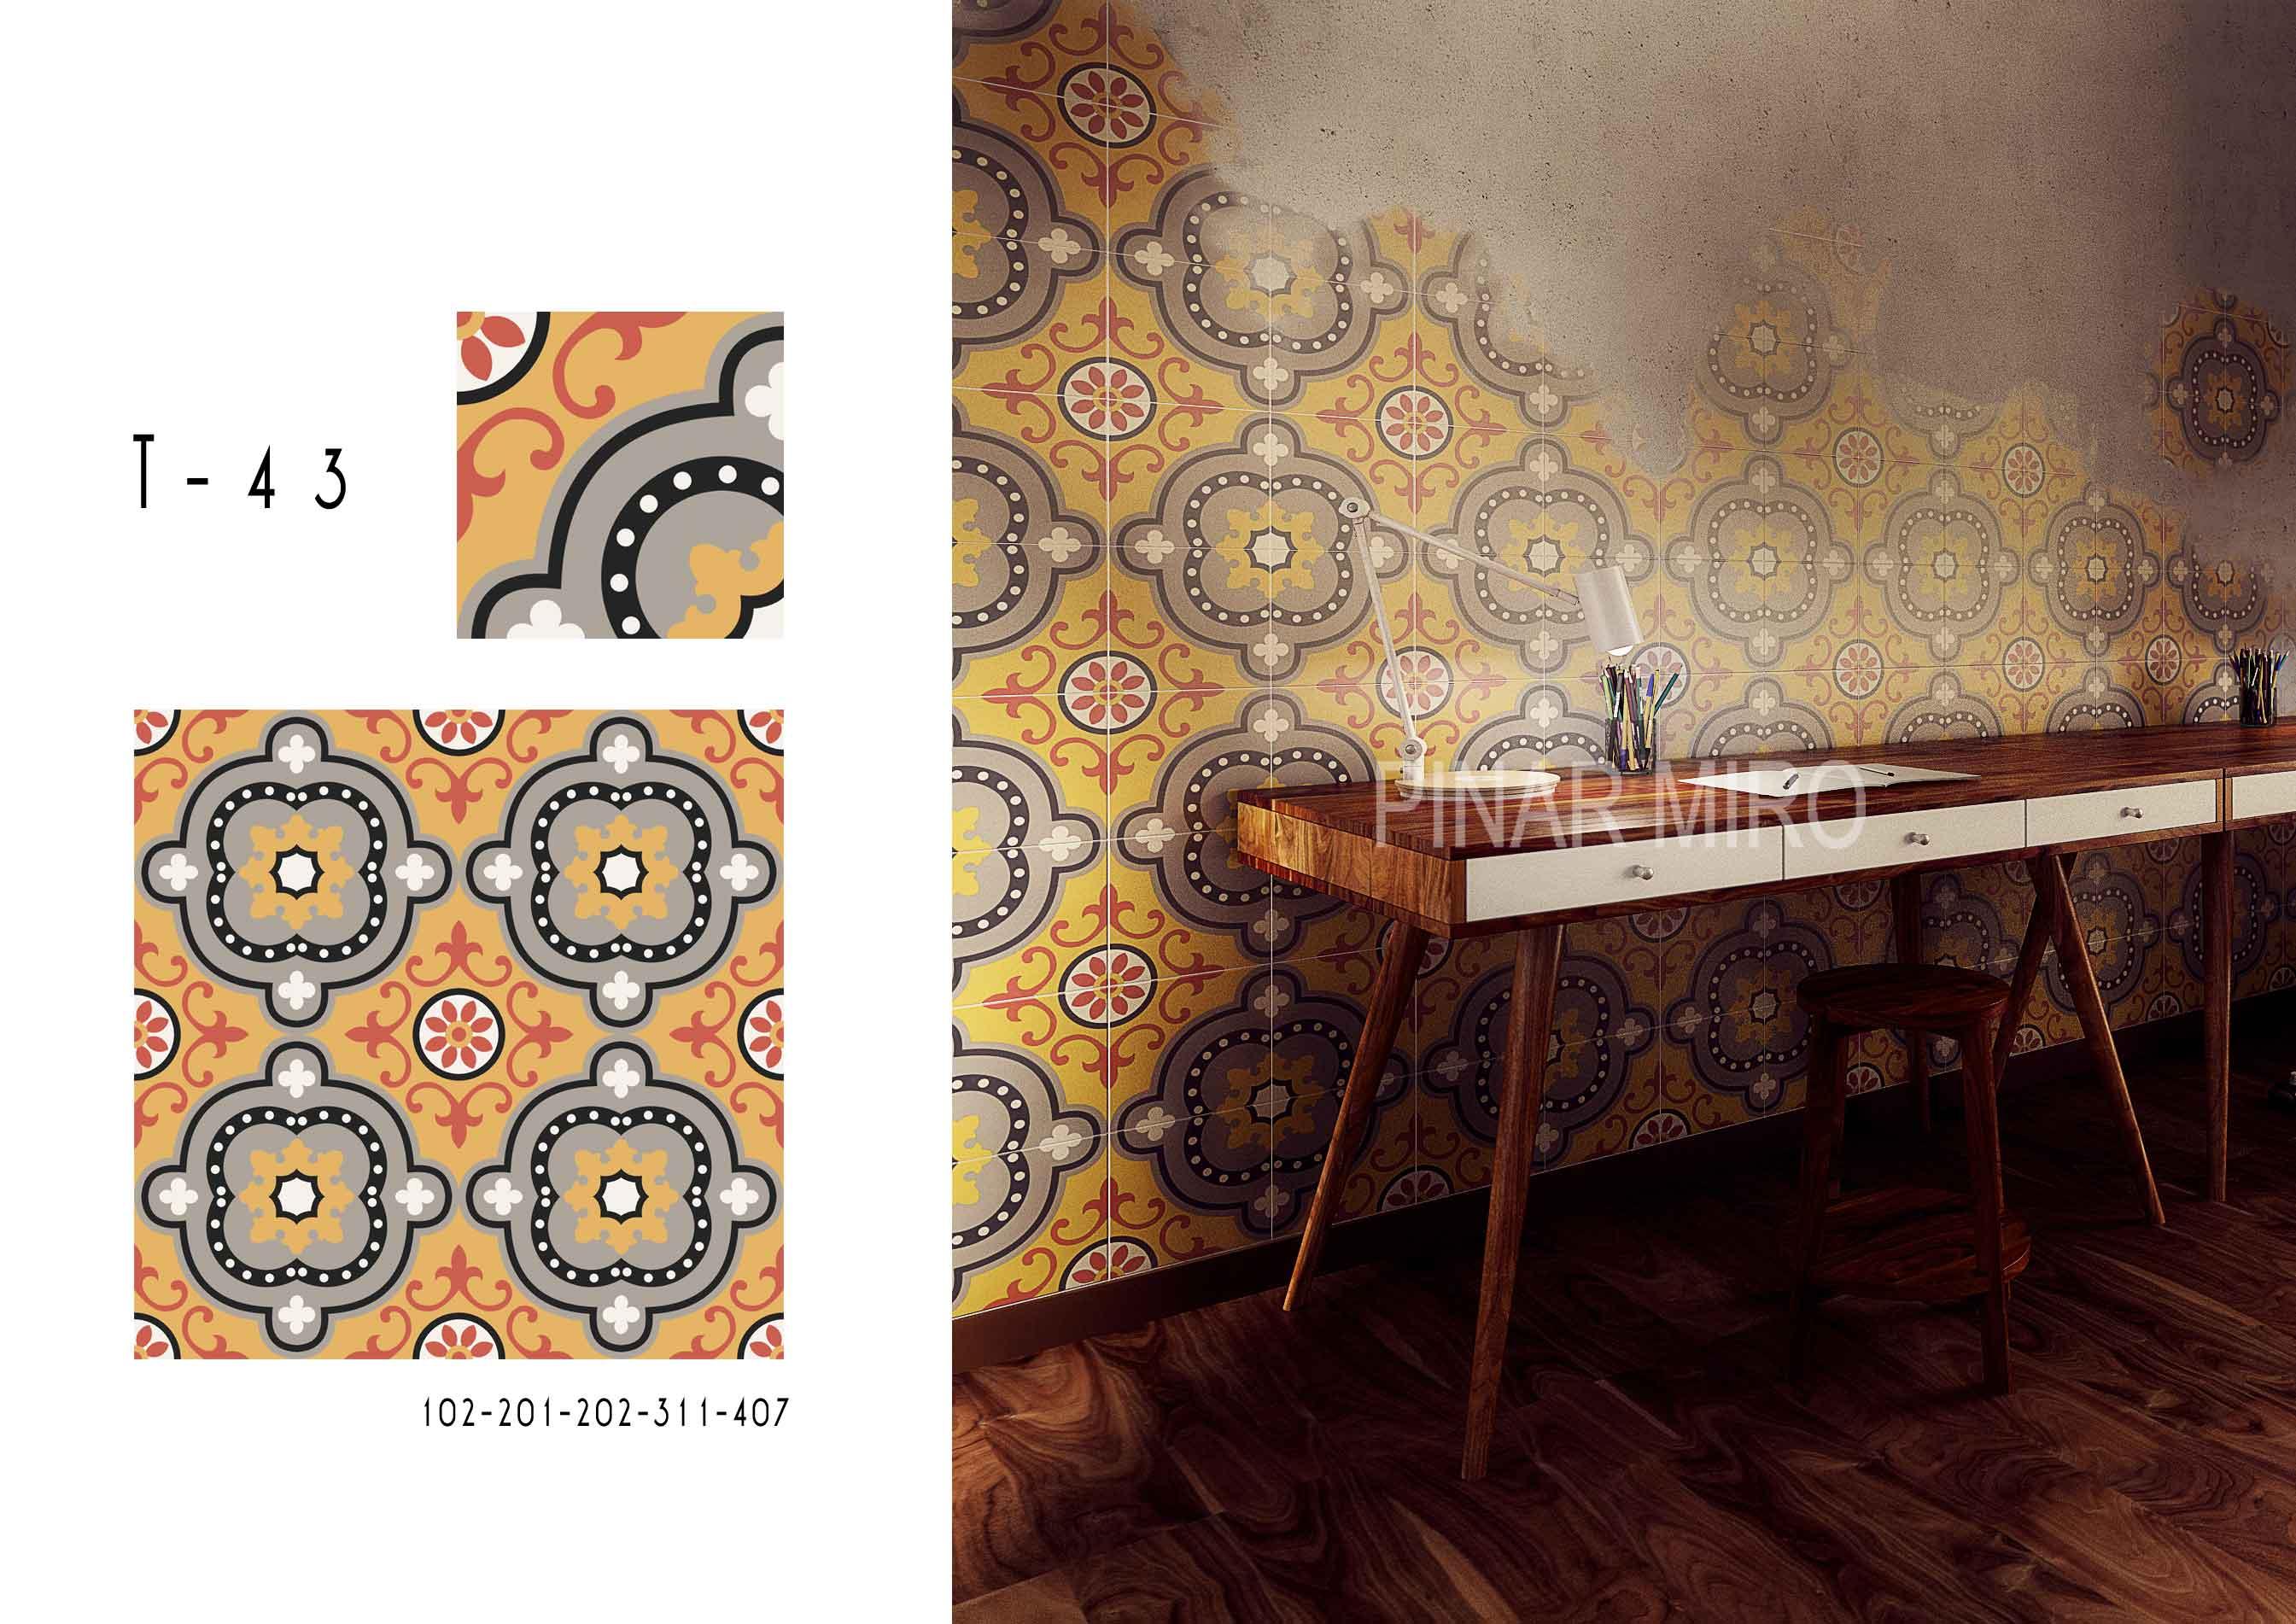 1t043-pinar-miro-cement-tiles